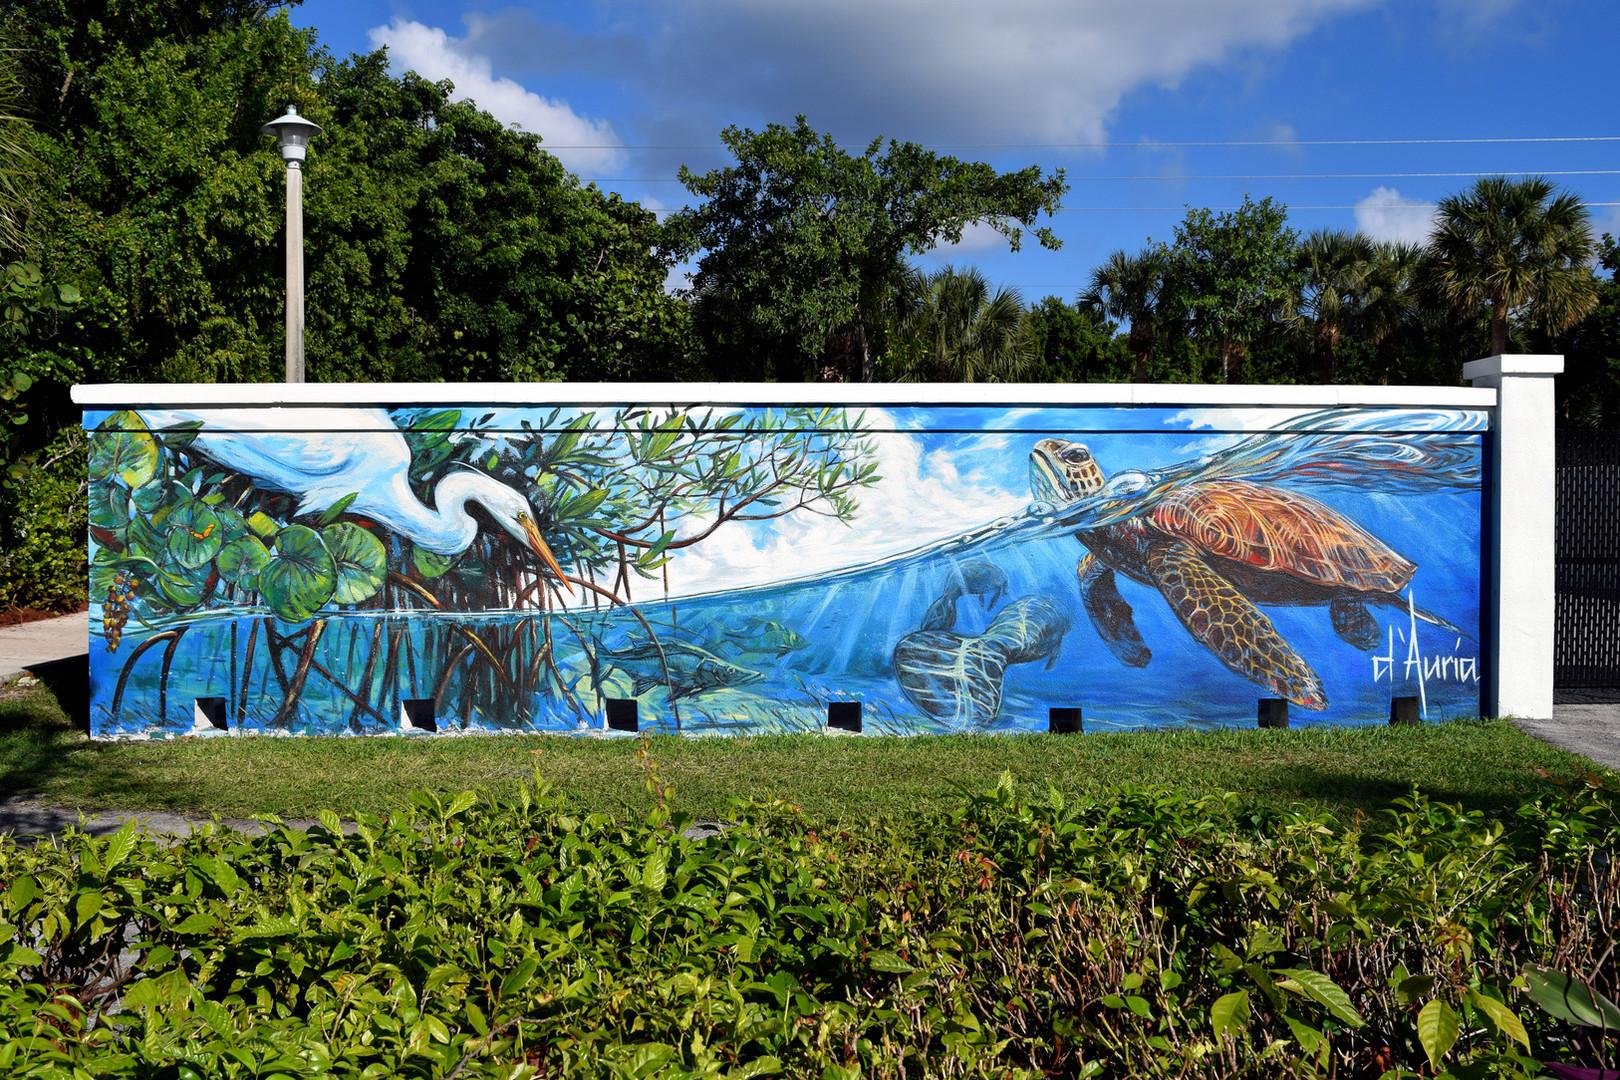 Red Reef Park Mural